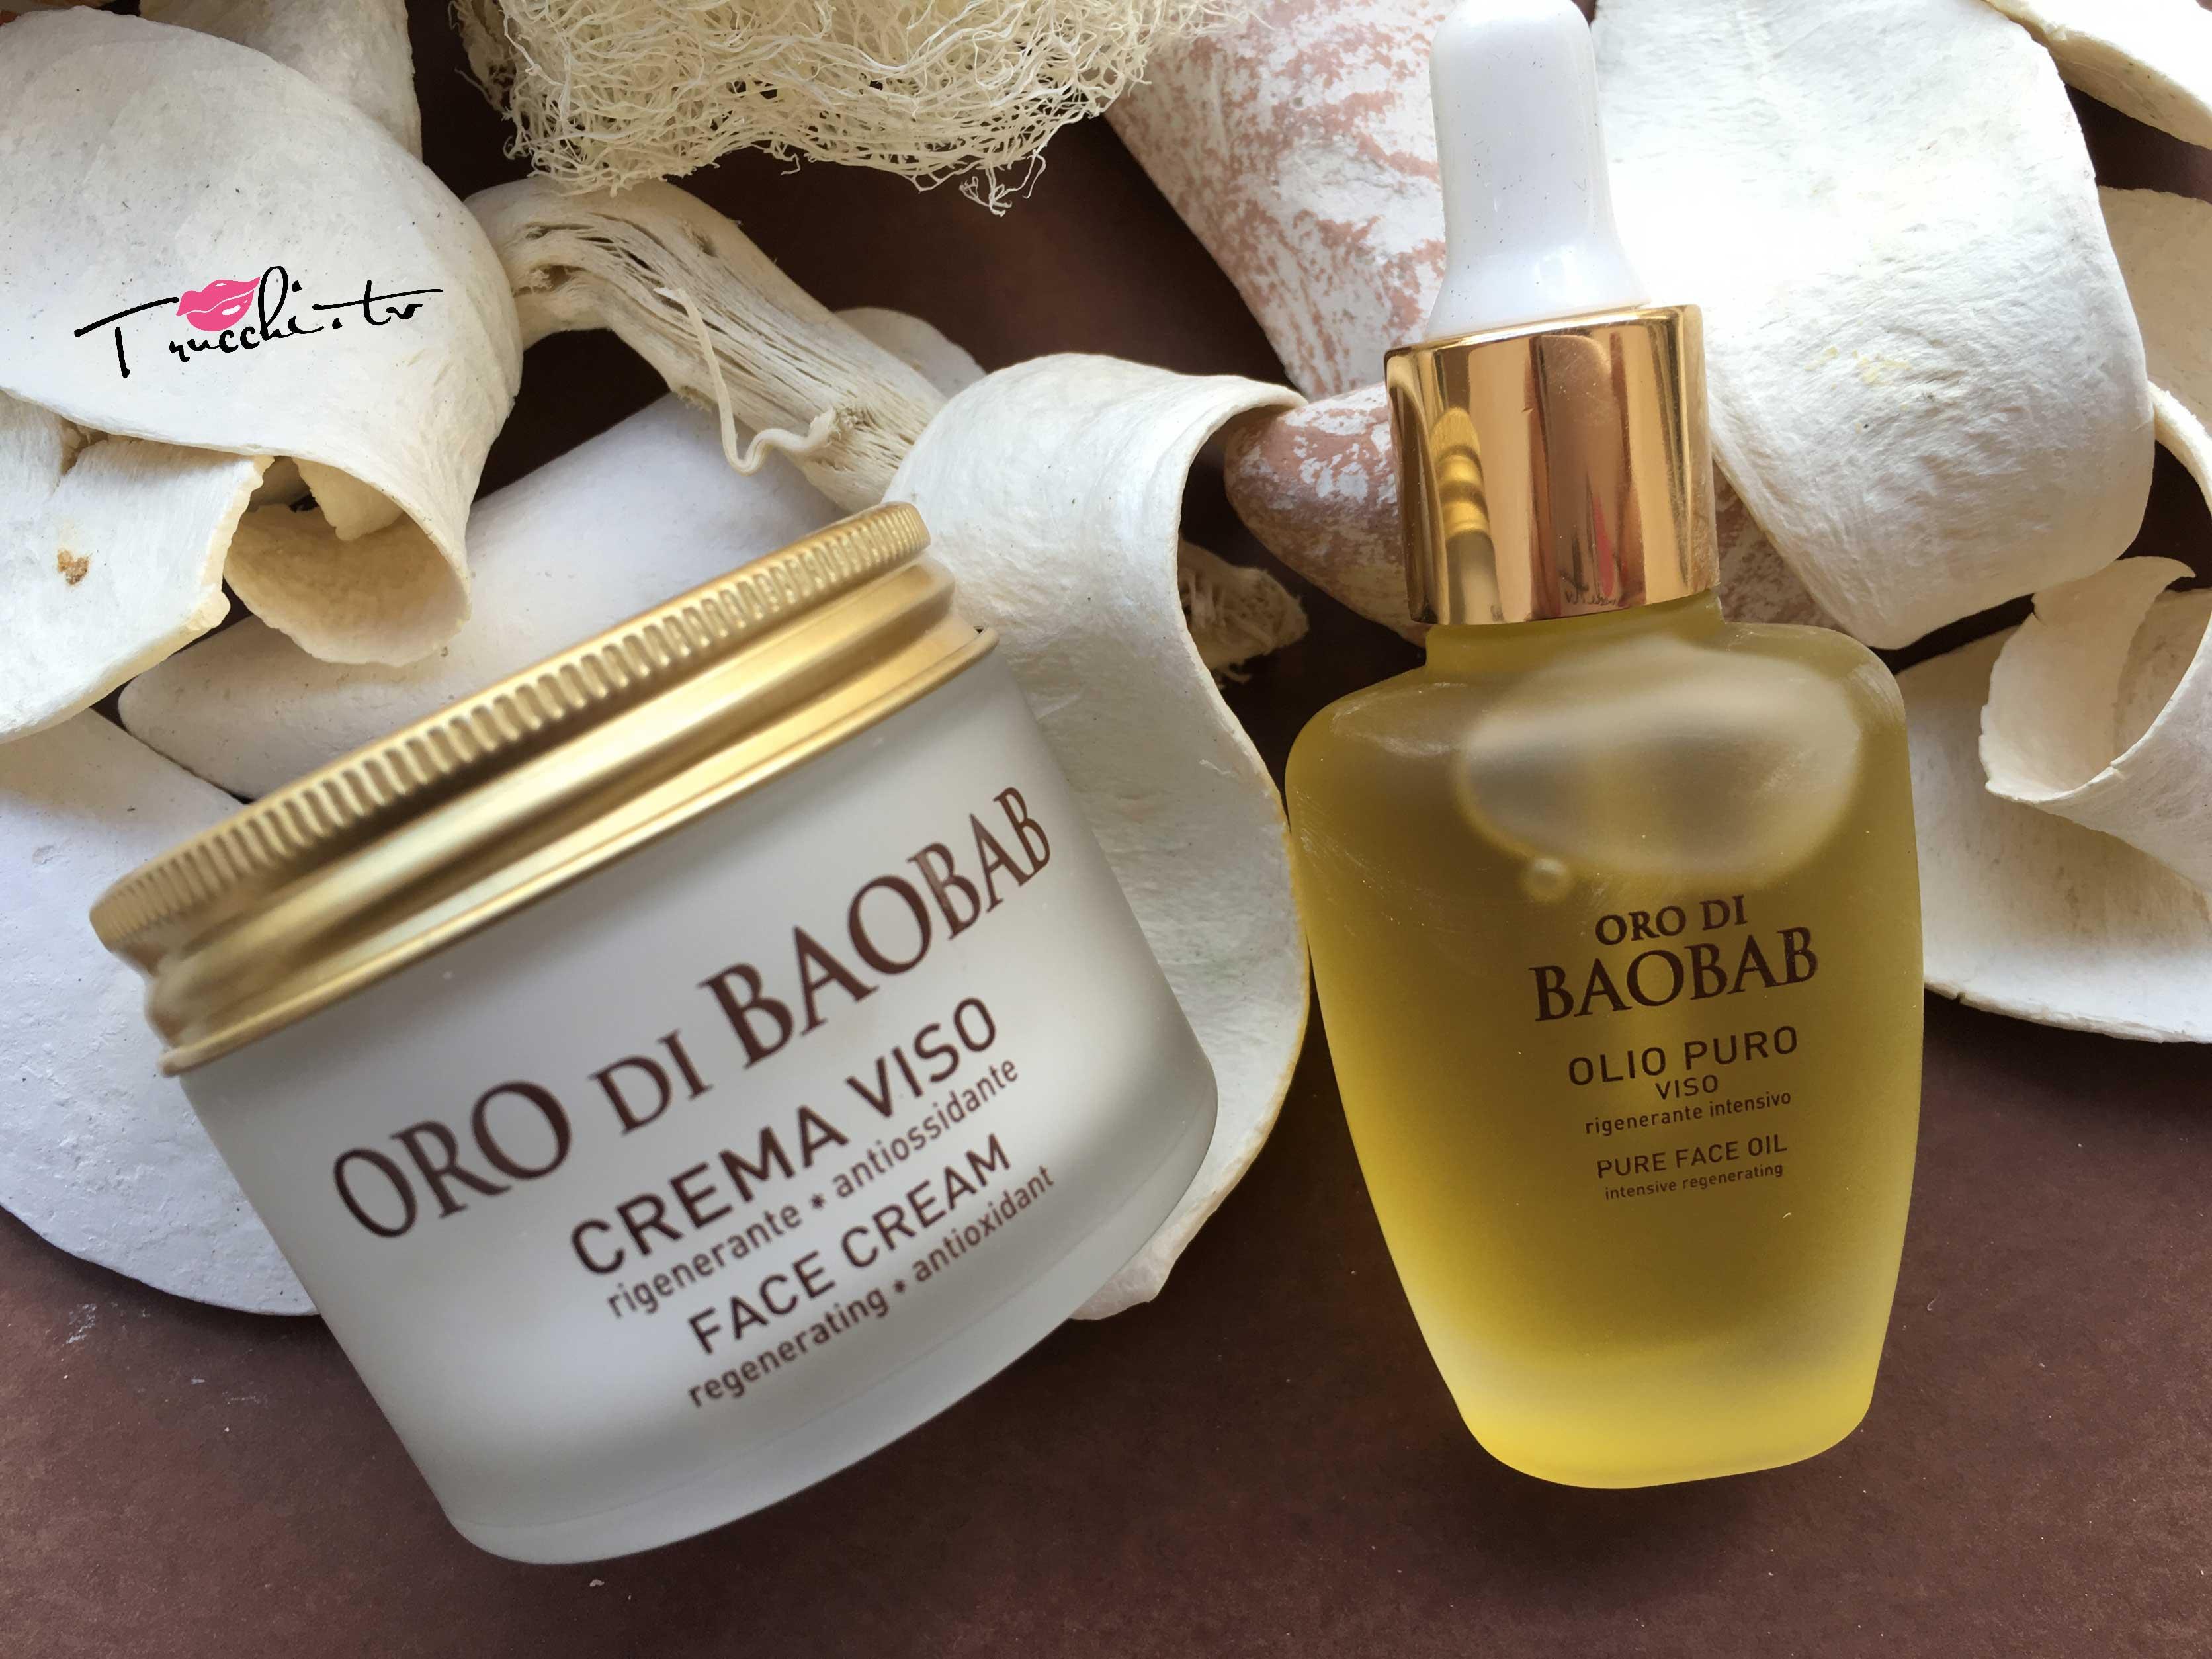 Erboristica di Athena's Oro di Baobab Crema Viso e Olio Puro Viso